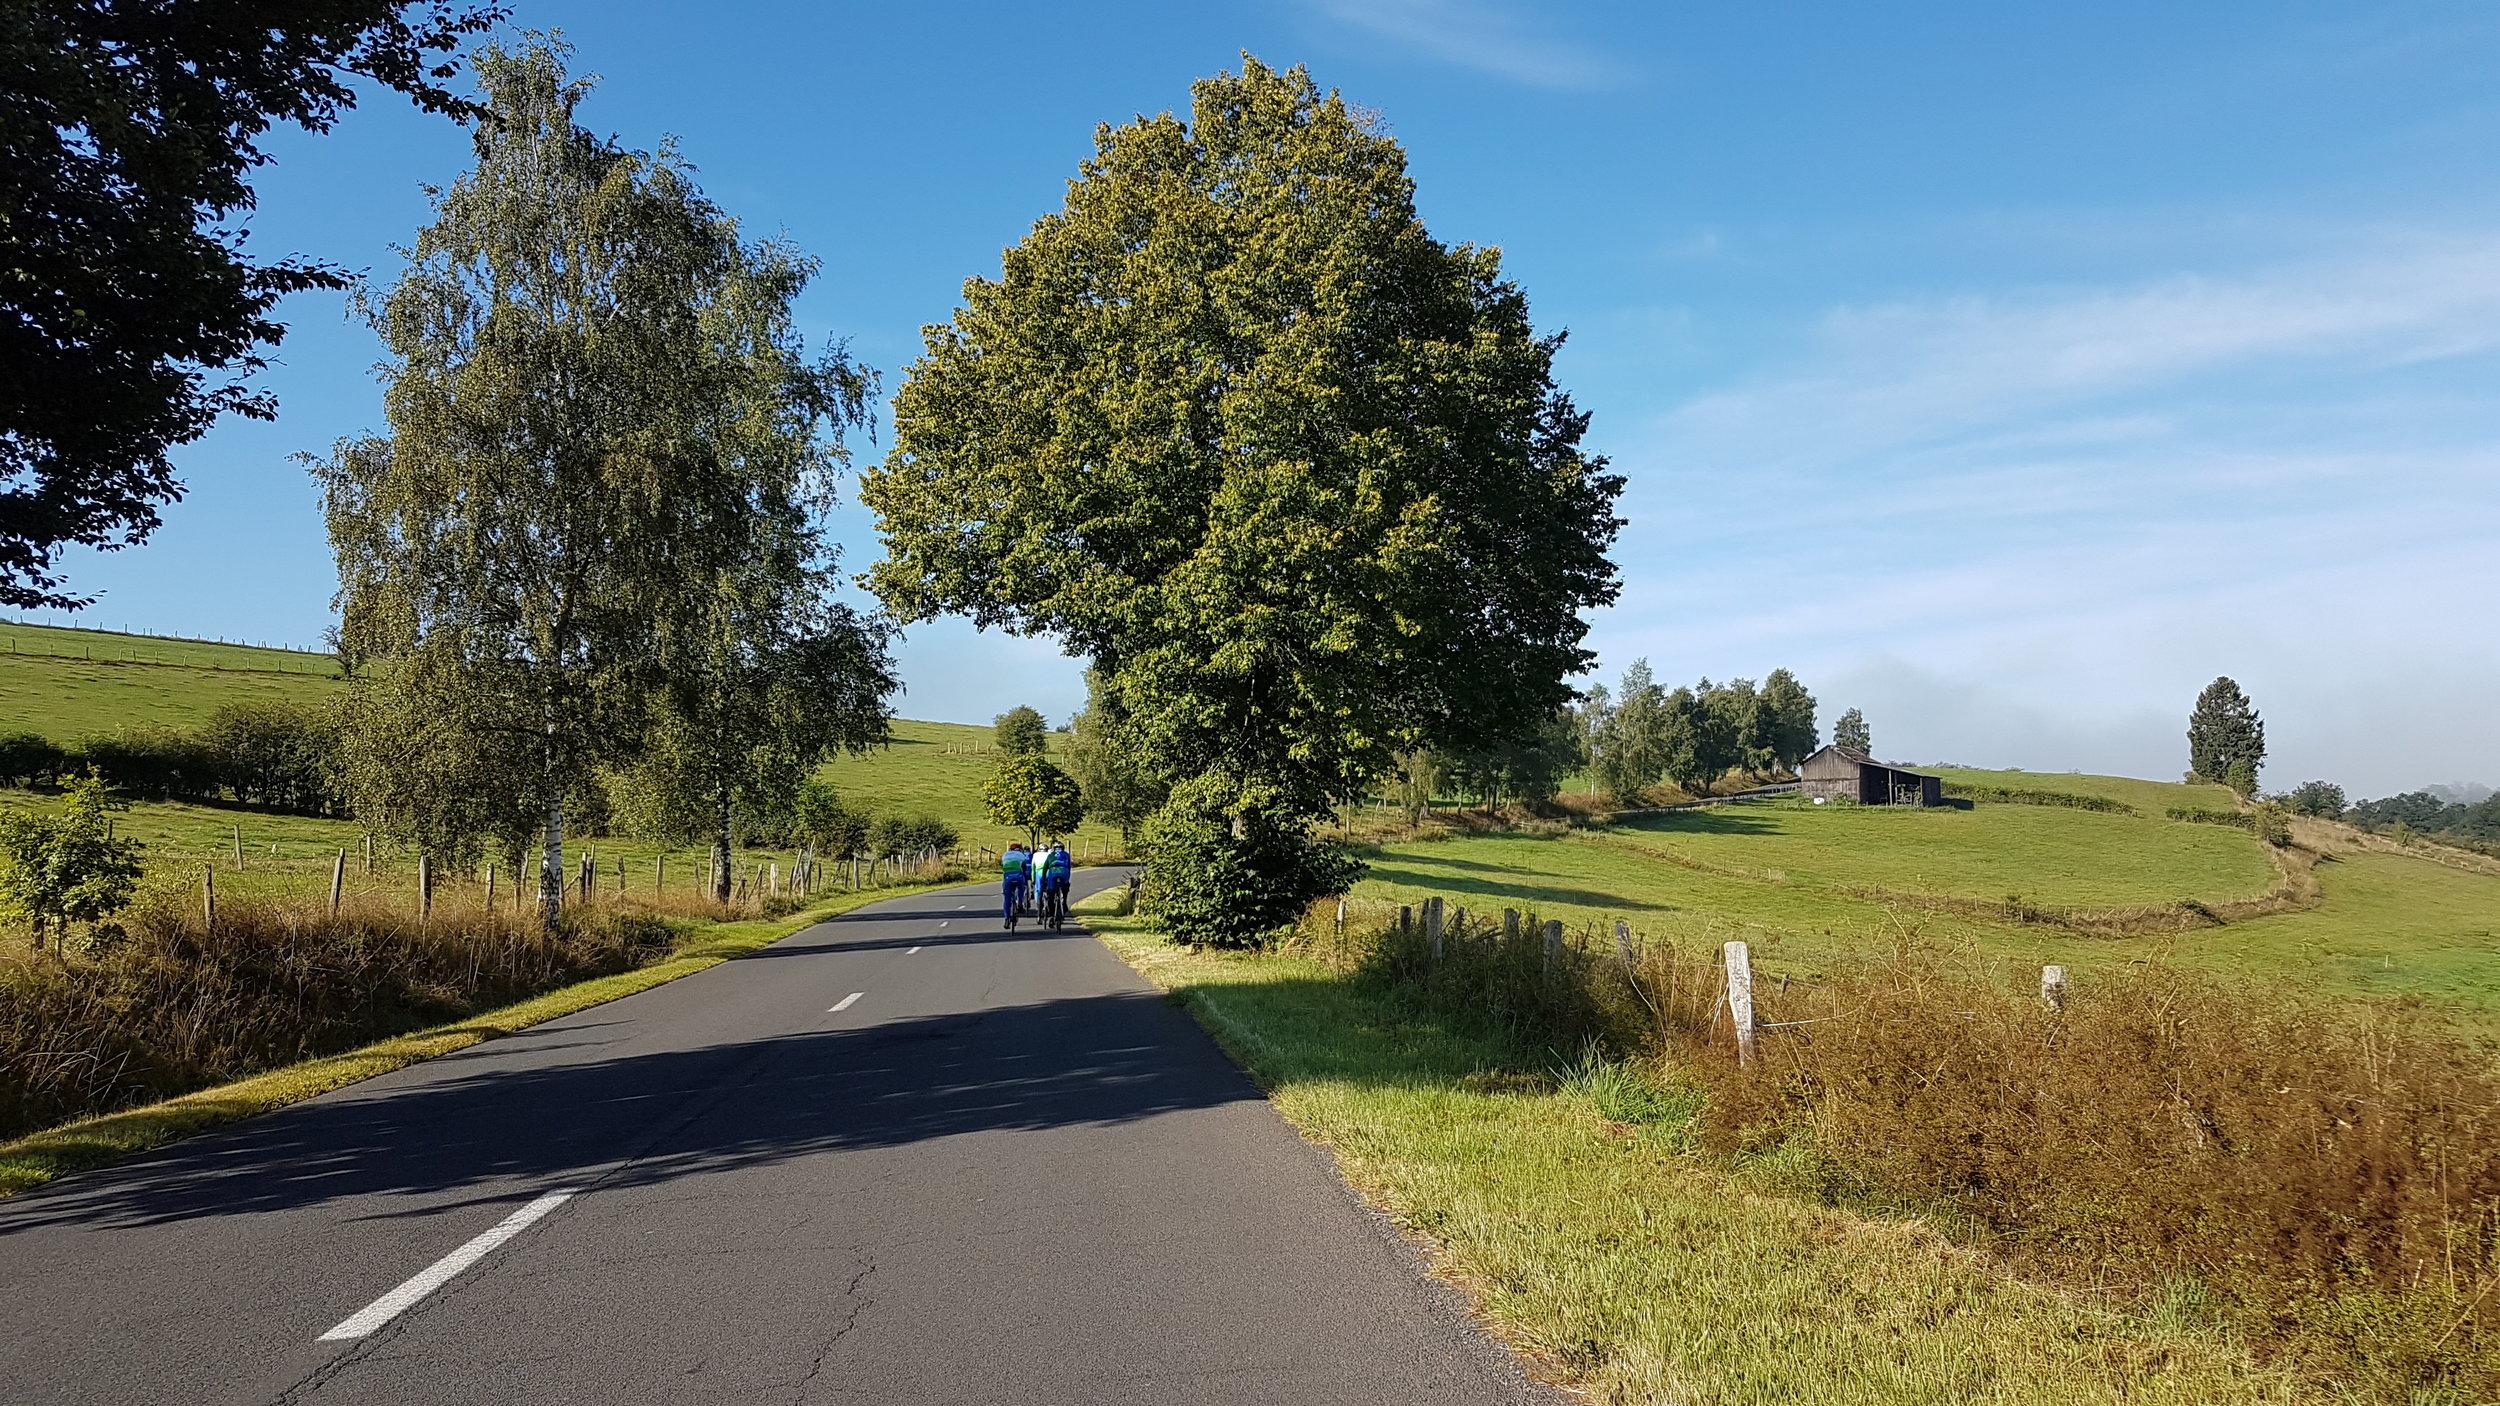 We hebben prachtig weer en rijden door een prachtig landschap.